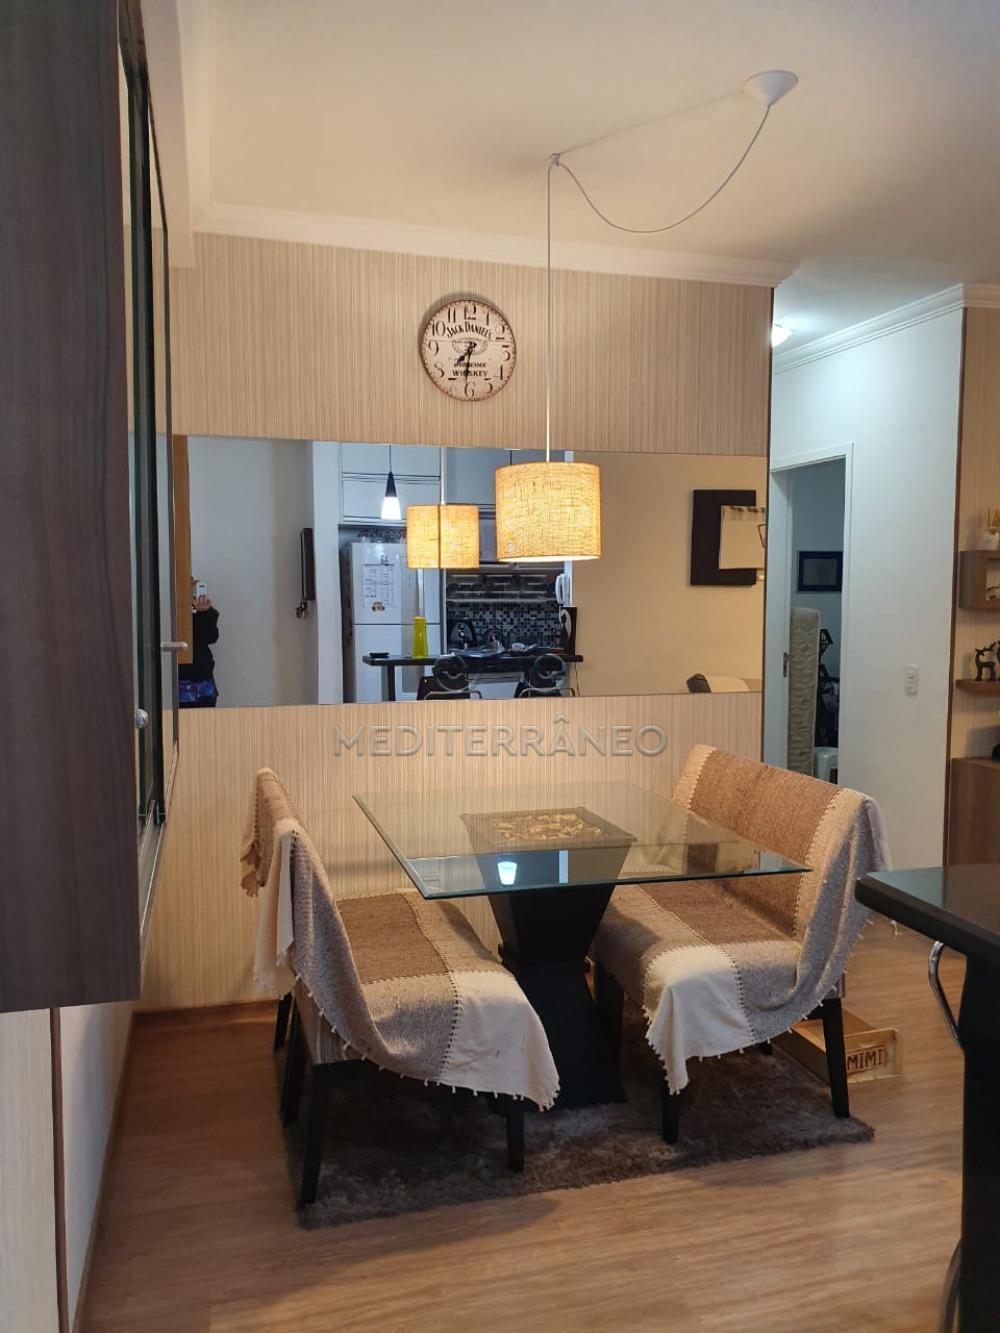 Comprar Apartamento / Padrão em Jundiaí apenas R$ 350.000,00 - Foto 5